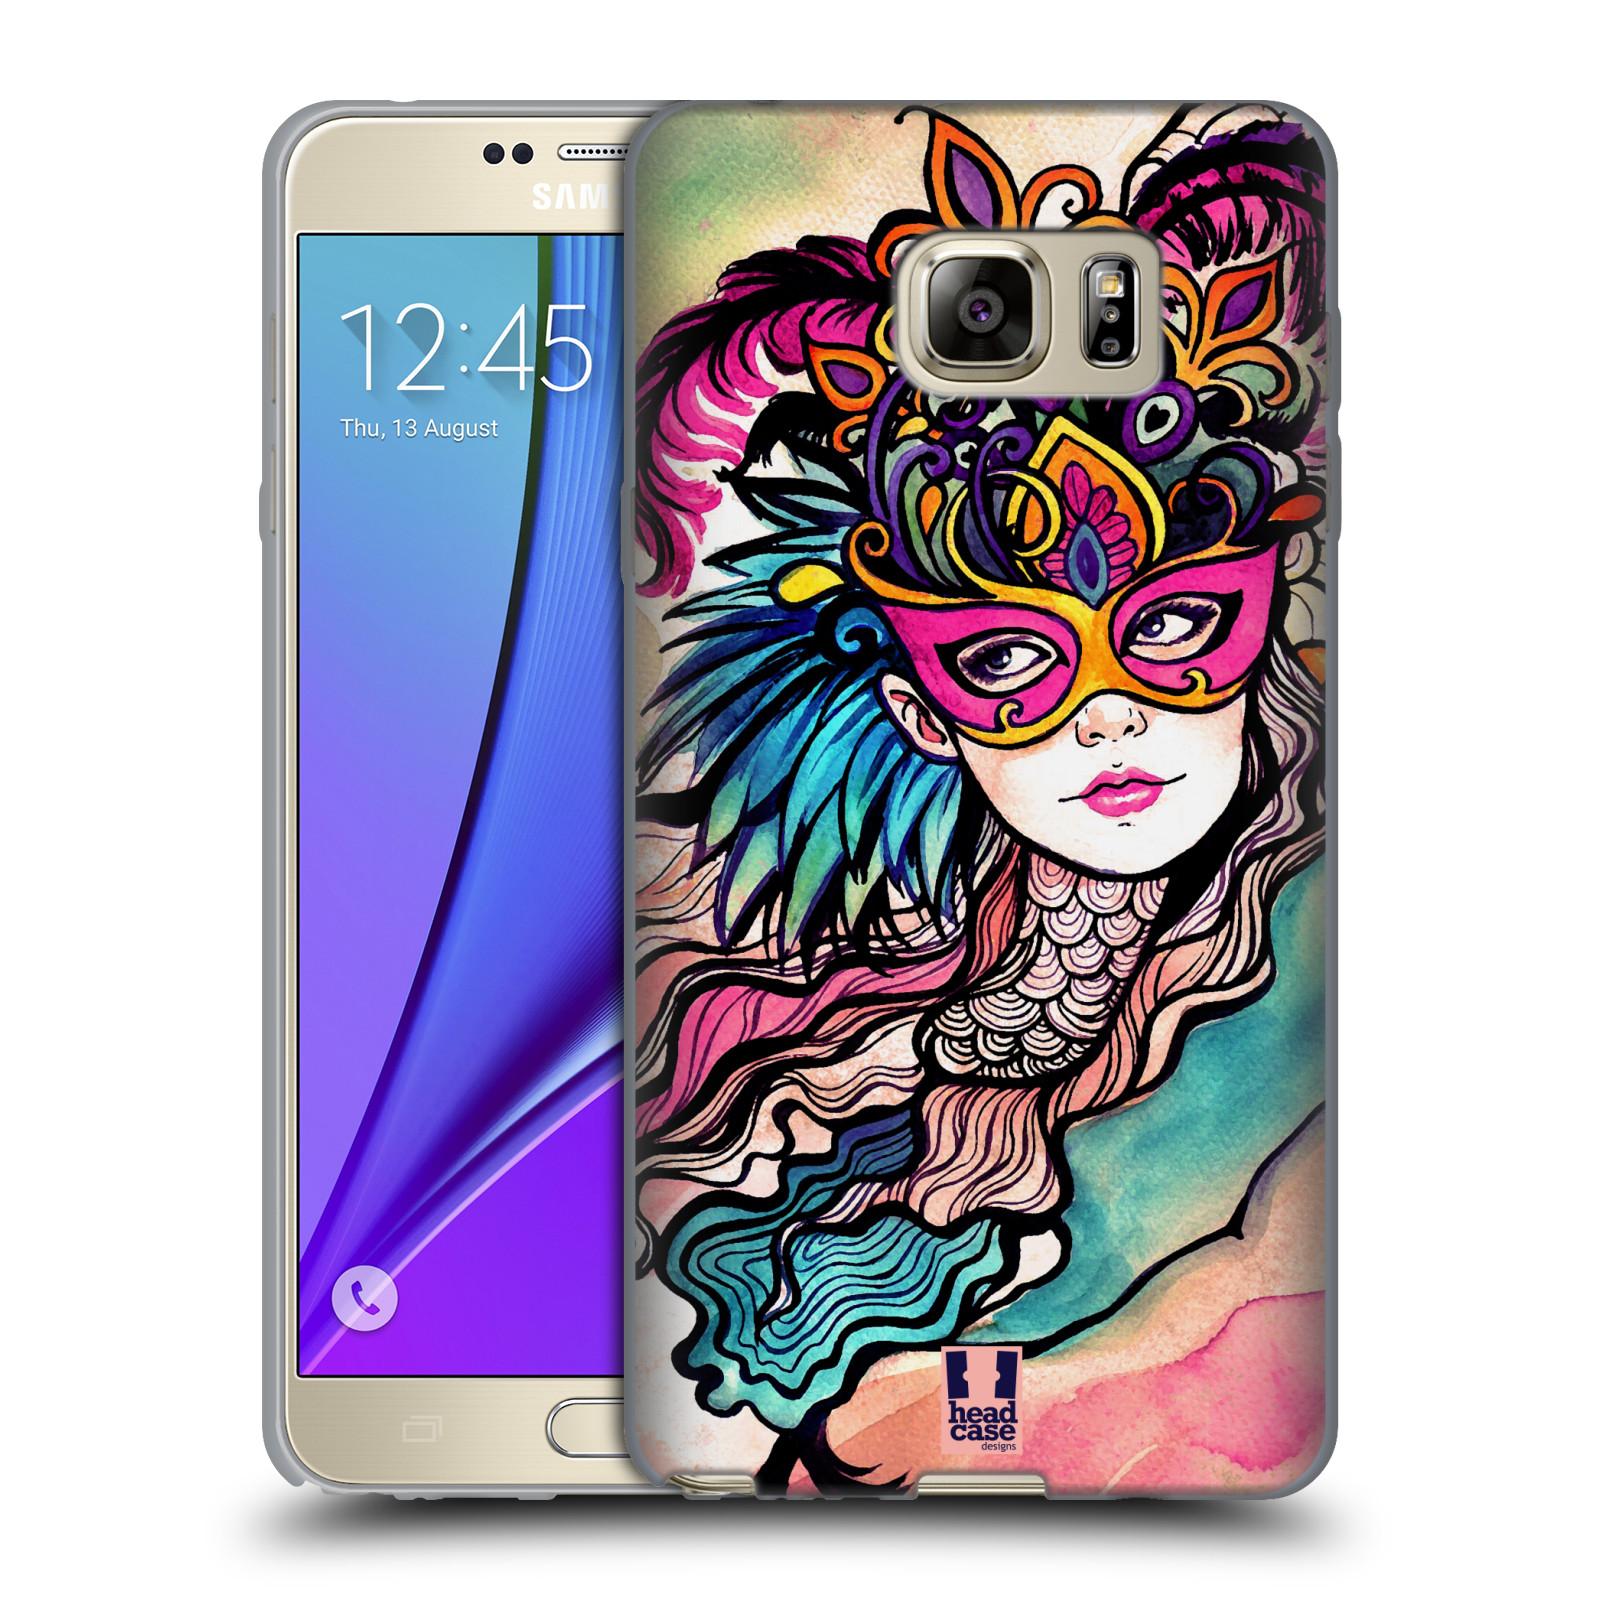 HEAD CASE silikonový obal na mobil Samsung Galaxy Note 5 (N920) vzor Maškarní ples masky kreslené vzory růžová